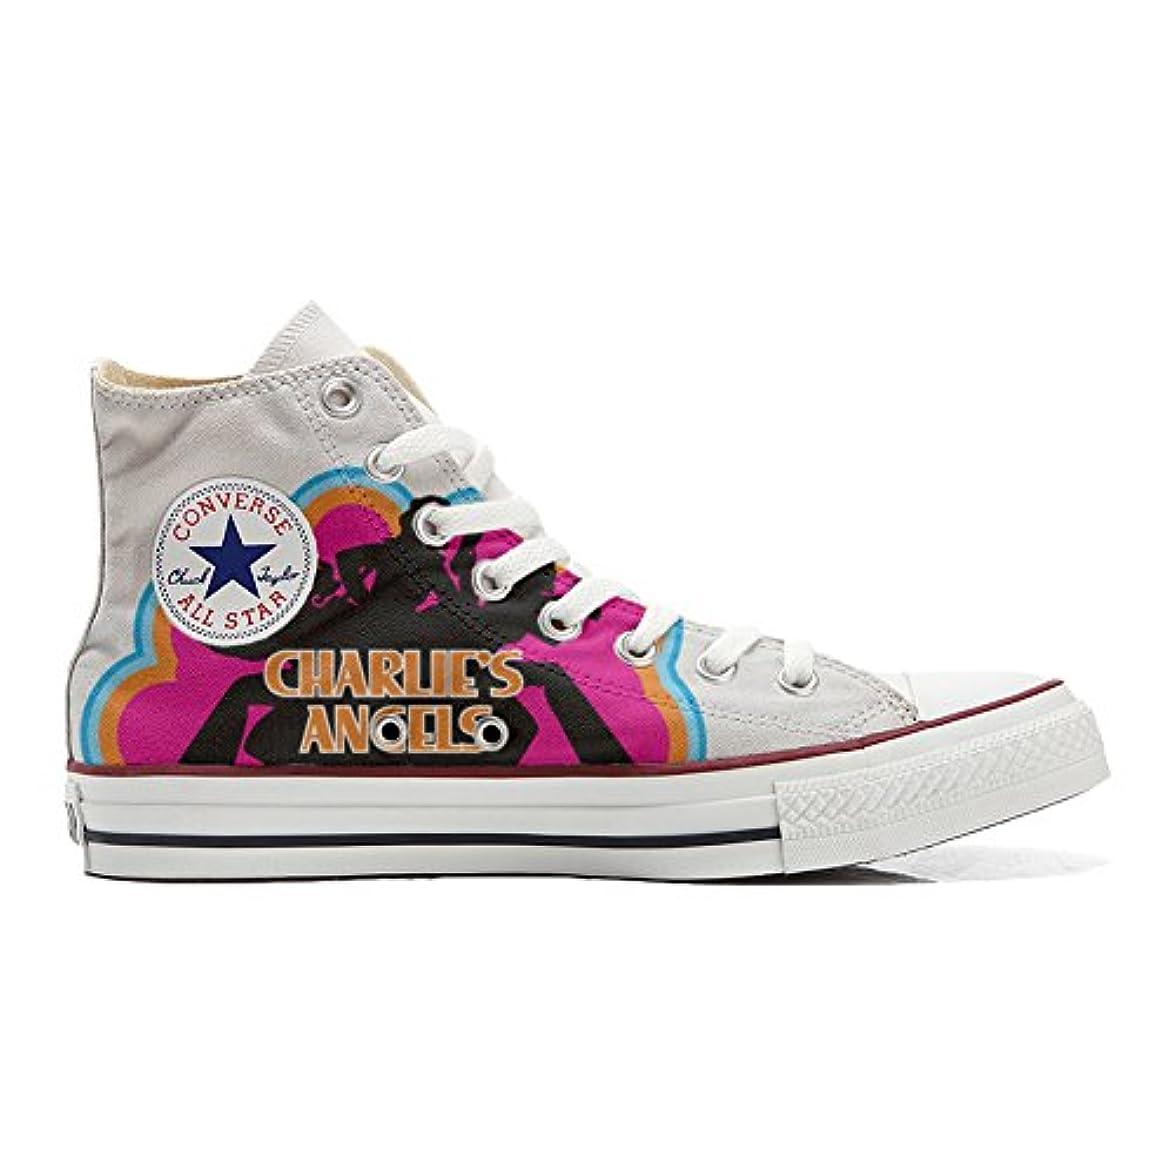 Scarpe Converse All Star Alte Personalizzate scarpe Artigianali Charlies Angels